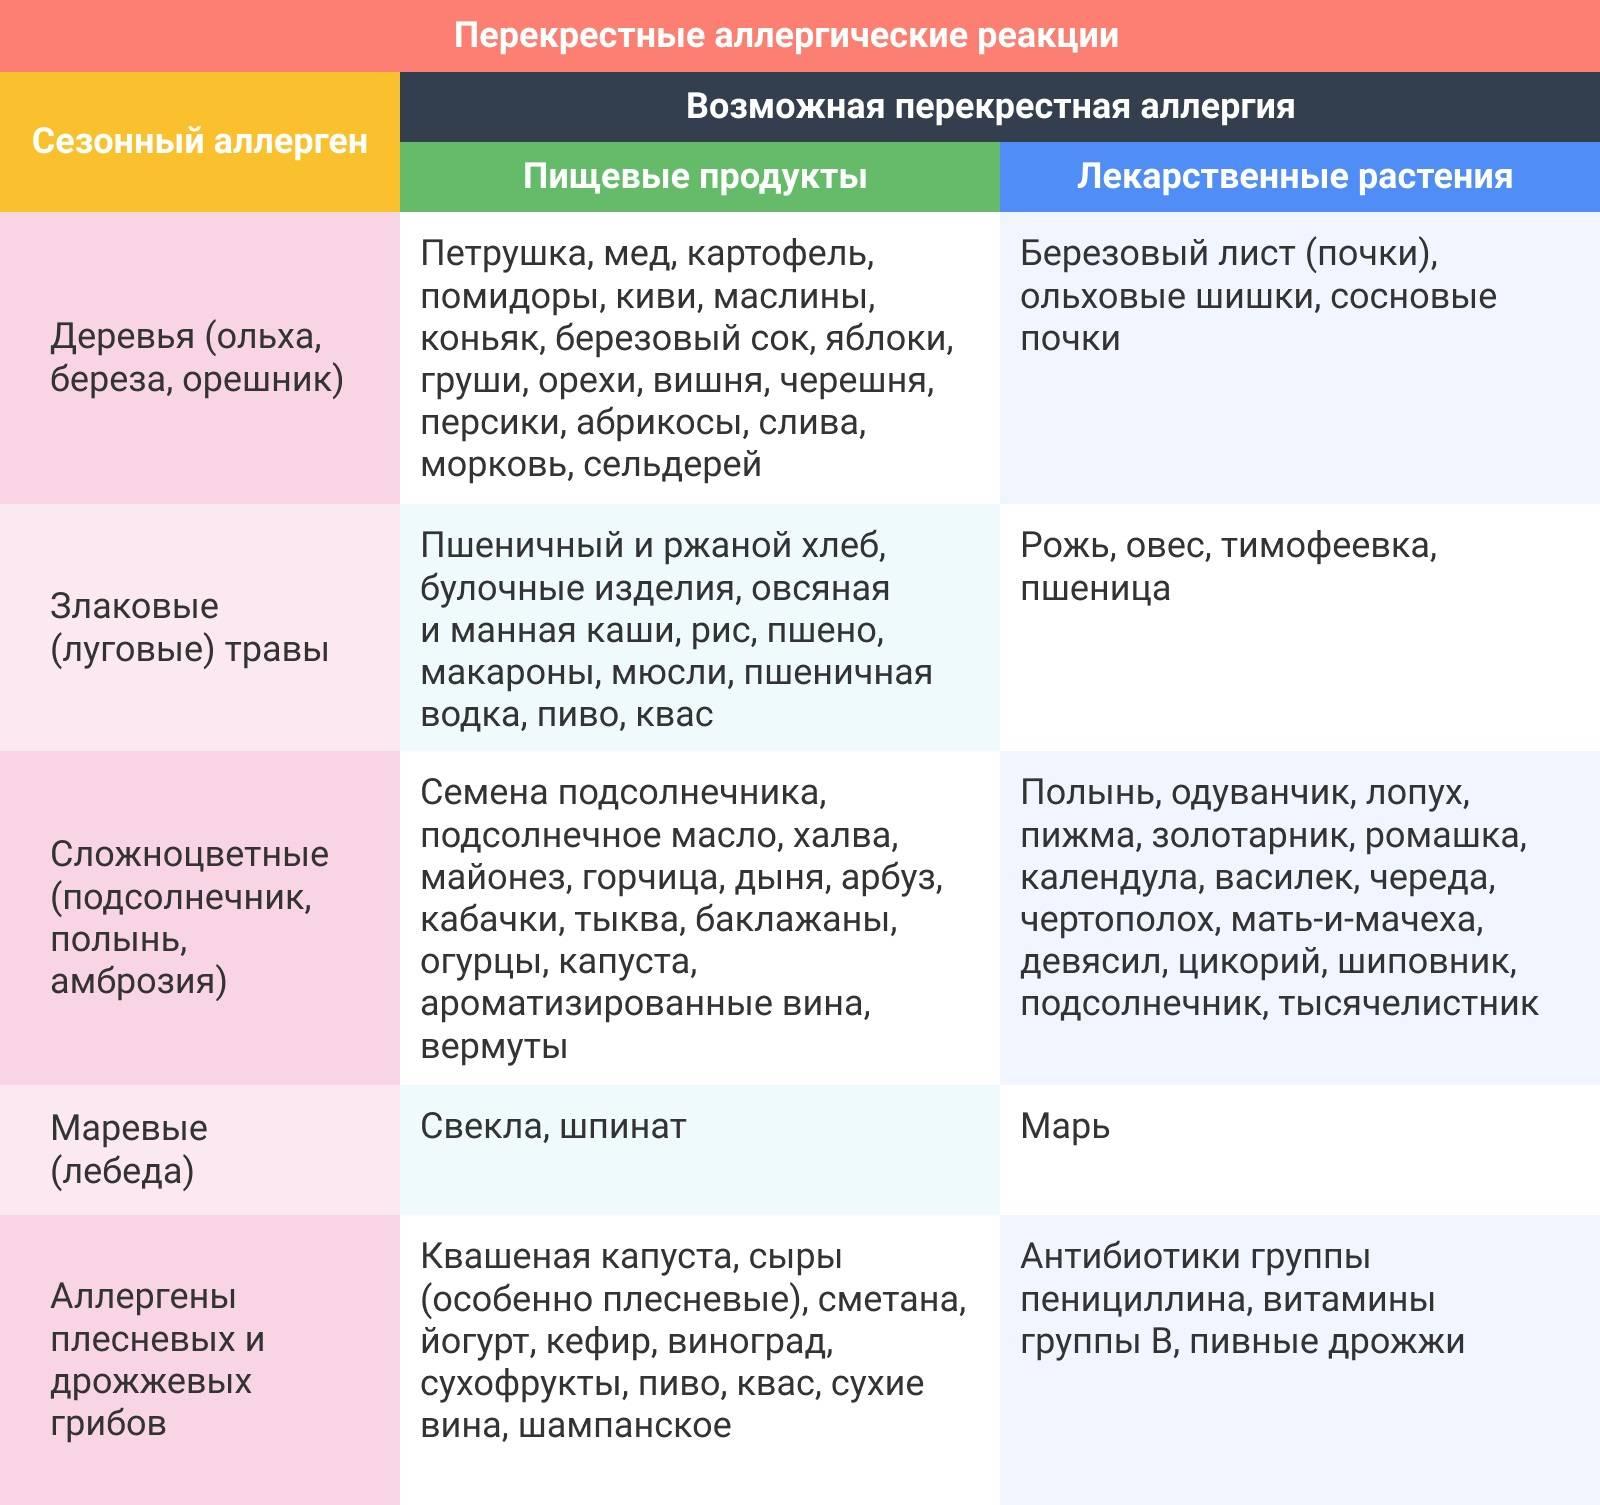 Проявление пищевой аллергии у ребенка